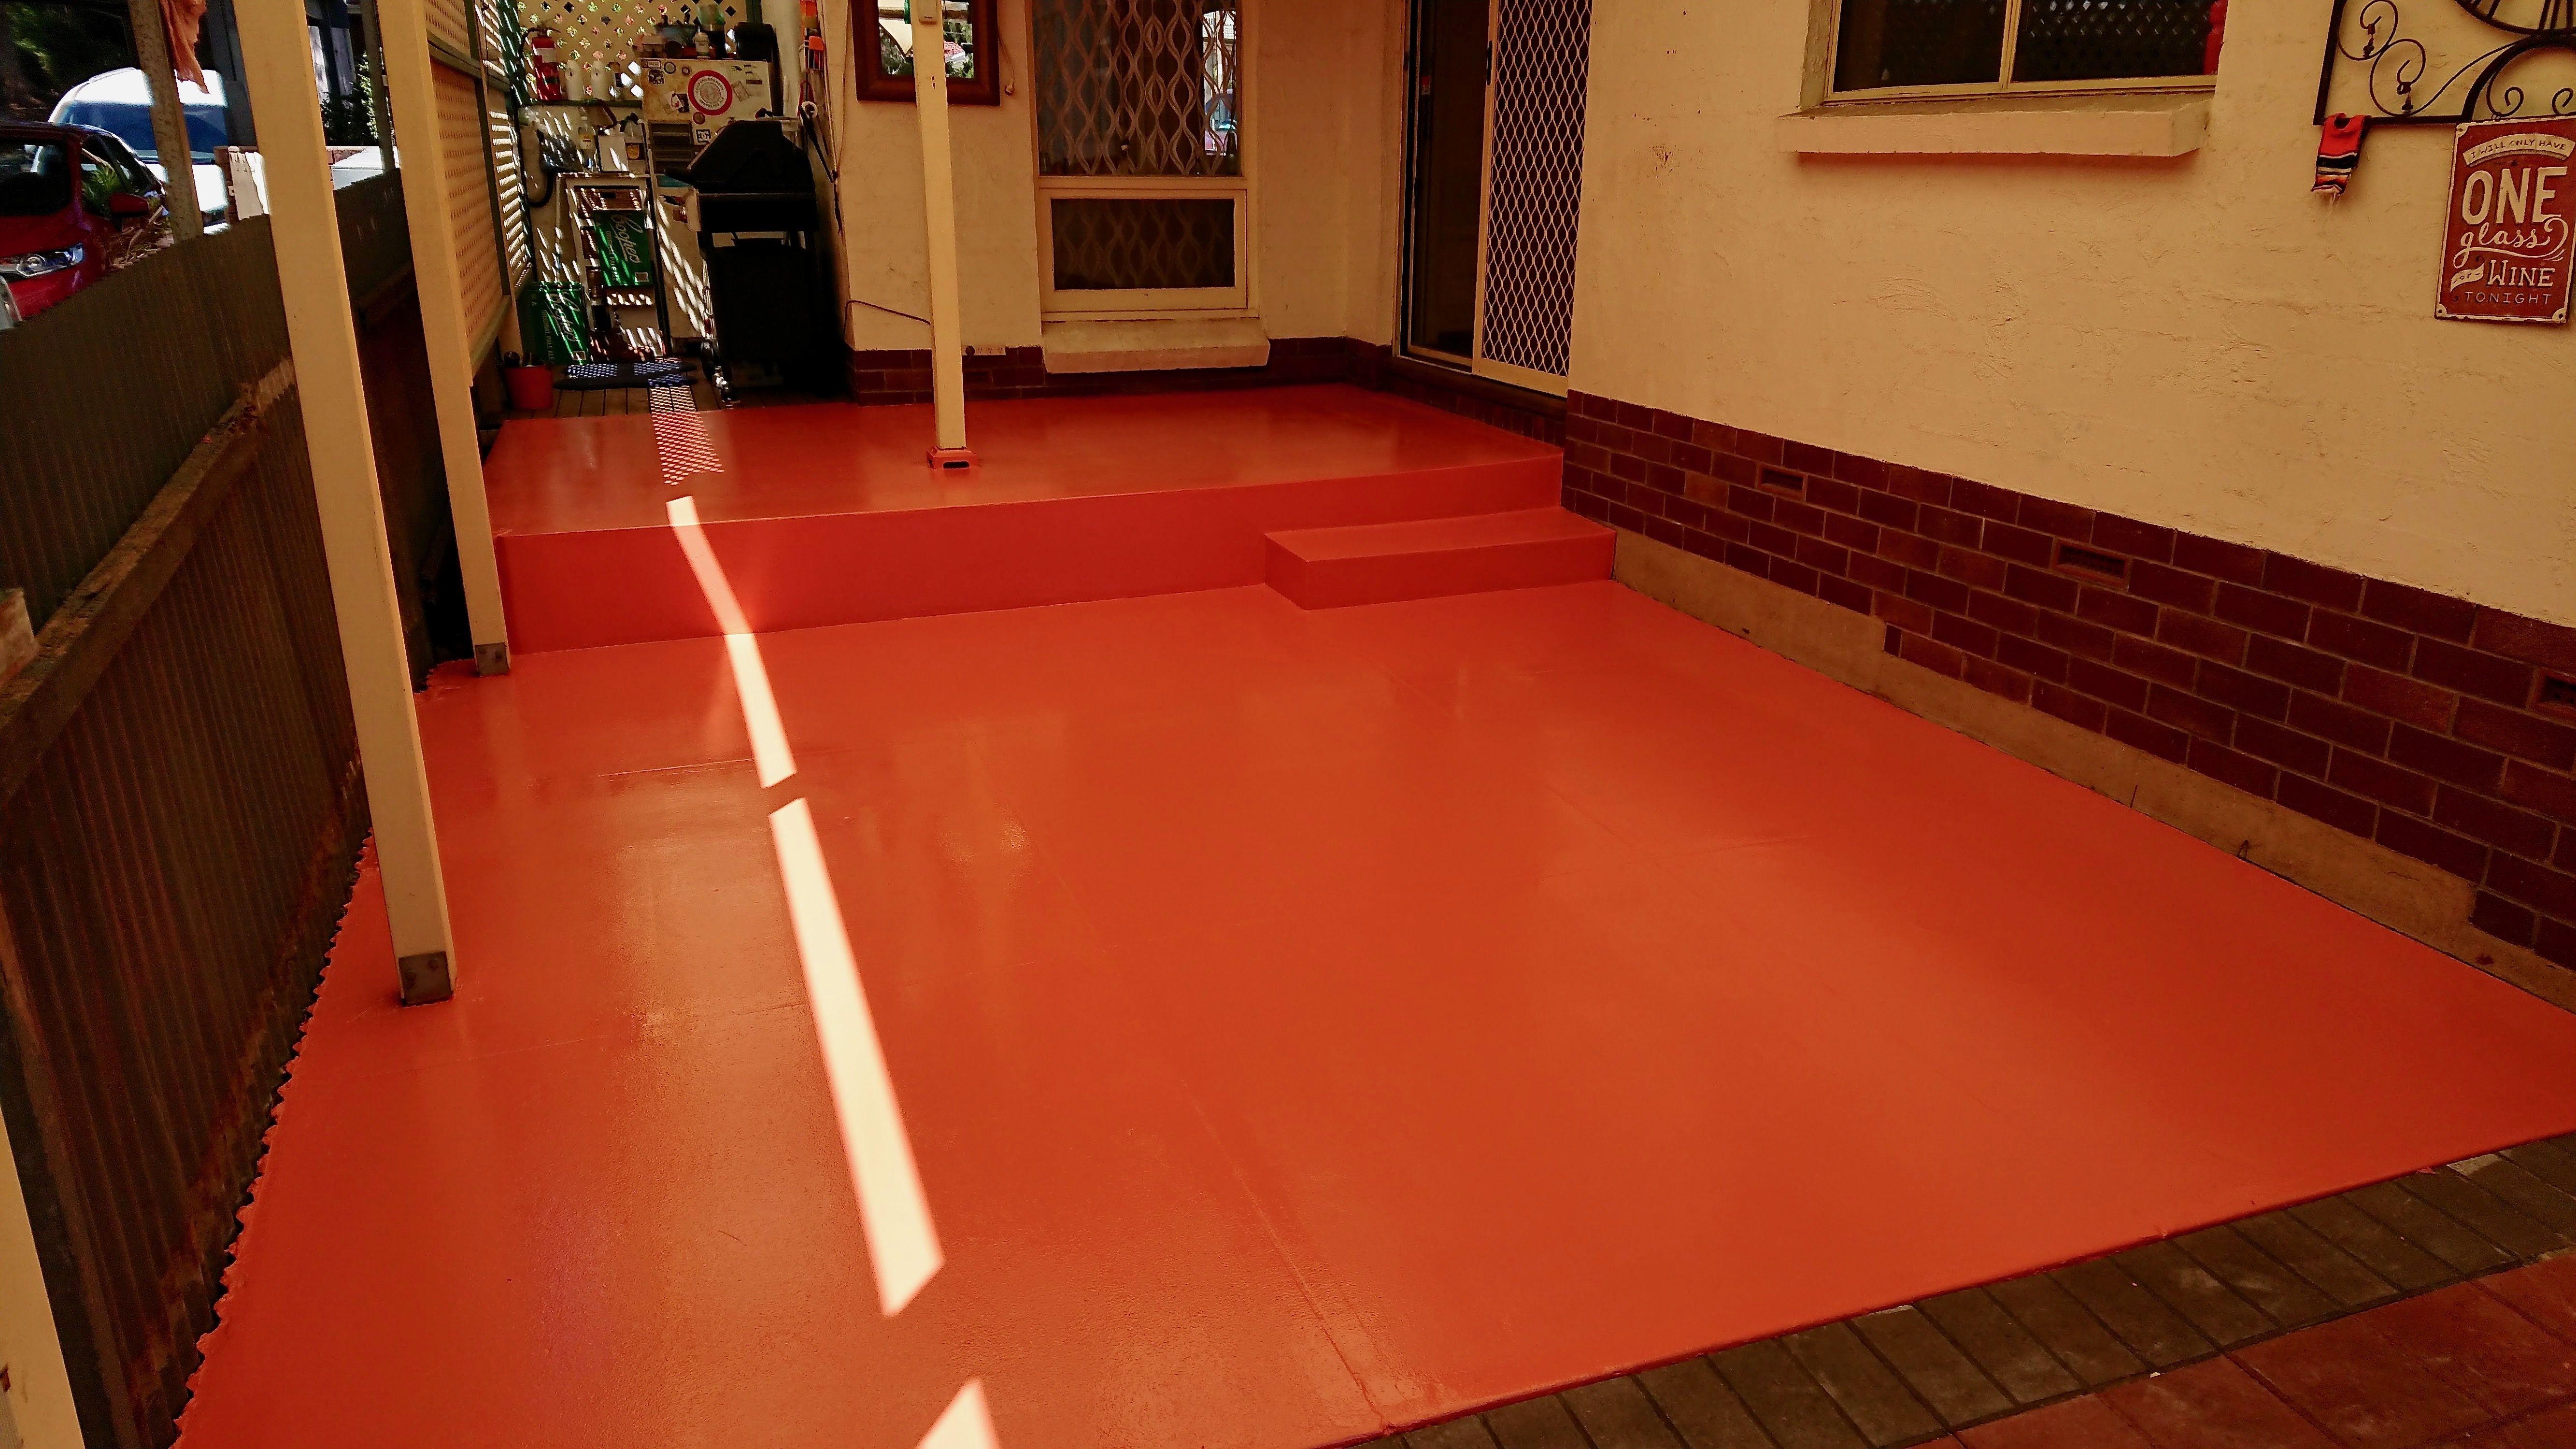 Adflex Epoxy Coating On Veranda In Colour Signal Red Epoxy Coating Epoxy Floor Veranda